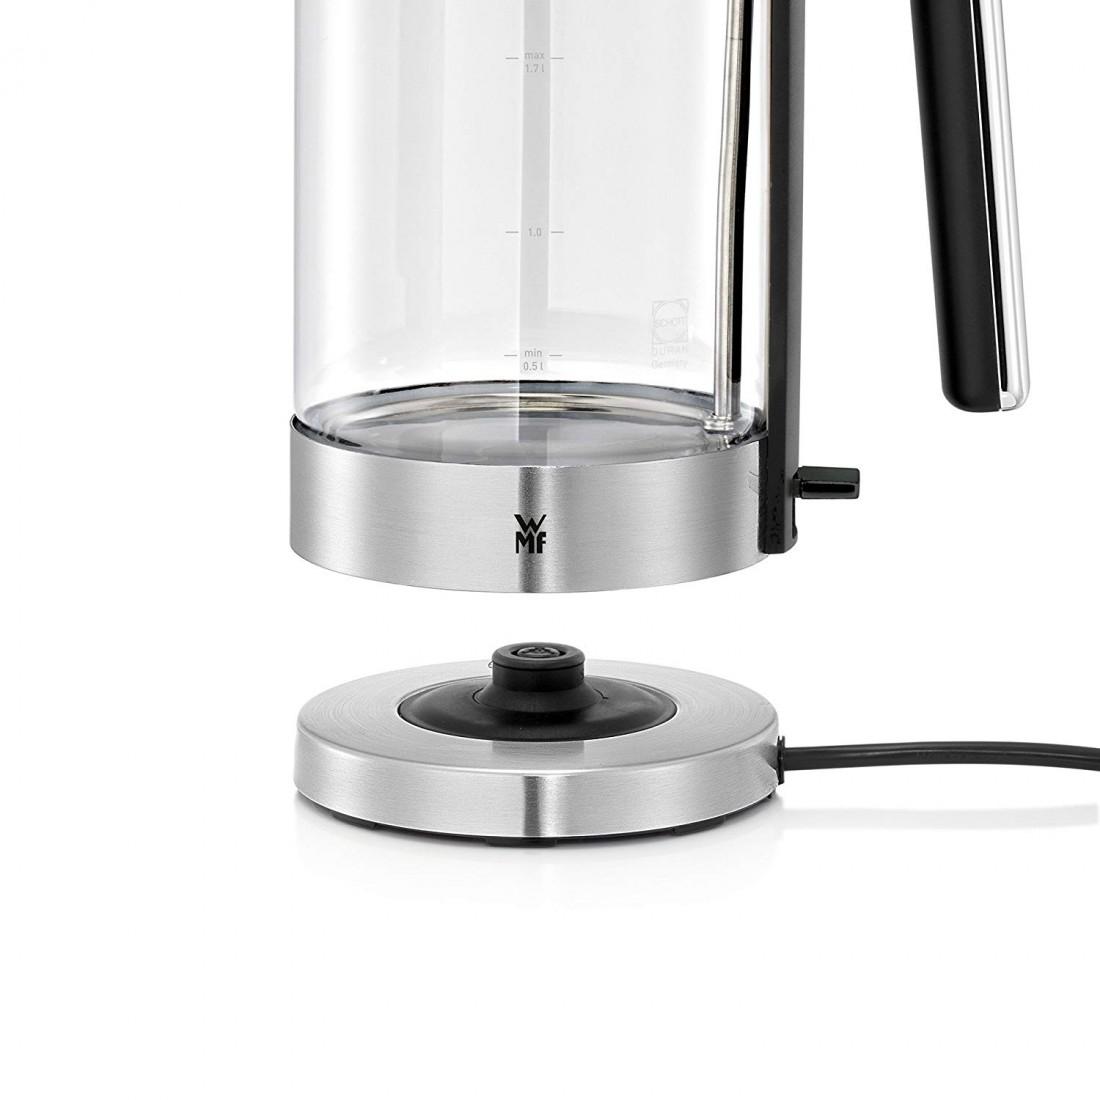 Ấm siêu tốc WMF Lono Glass, thủy tinh, công suất 3000 w-Thế